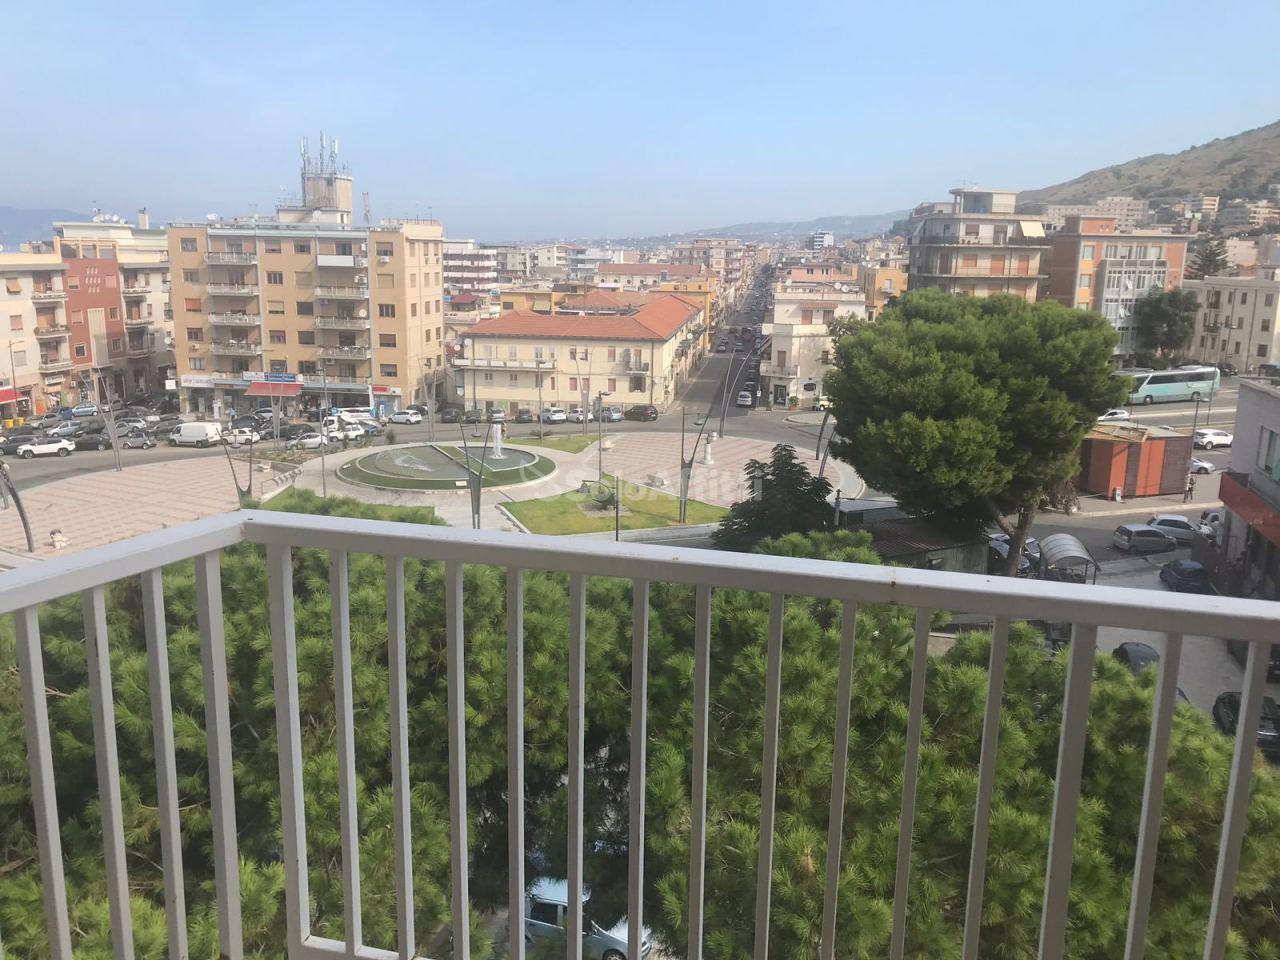 Ufficio - oltre 4 locali a Viale Libertà, Reggio di Calabria Rif. 10477201